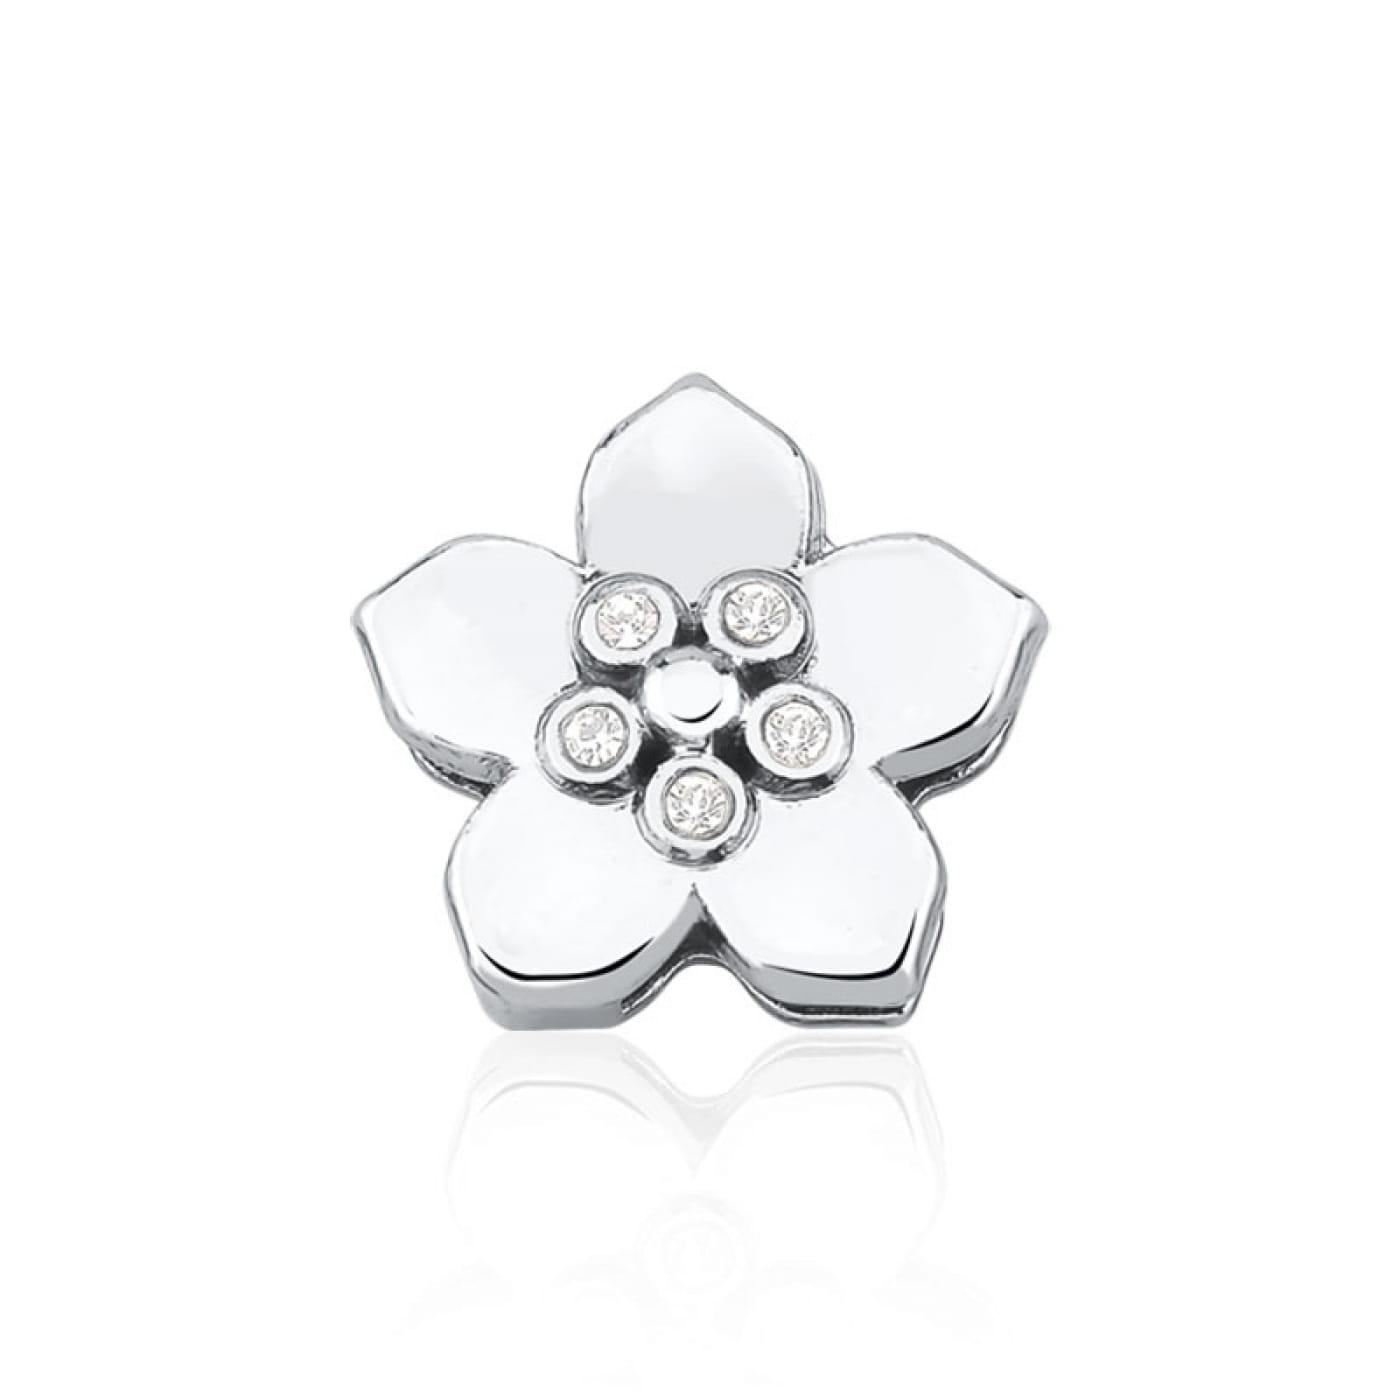 Pingente Esteira de Flor Lisa com Strass Branco em Aço